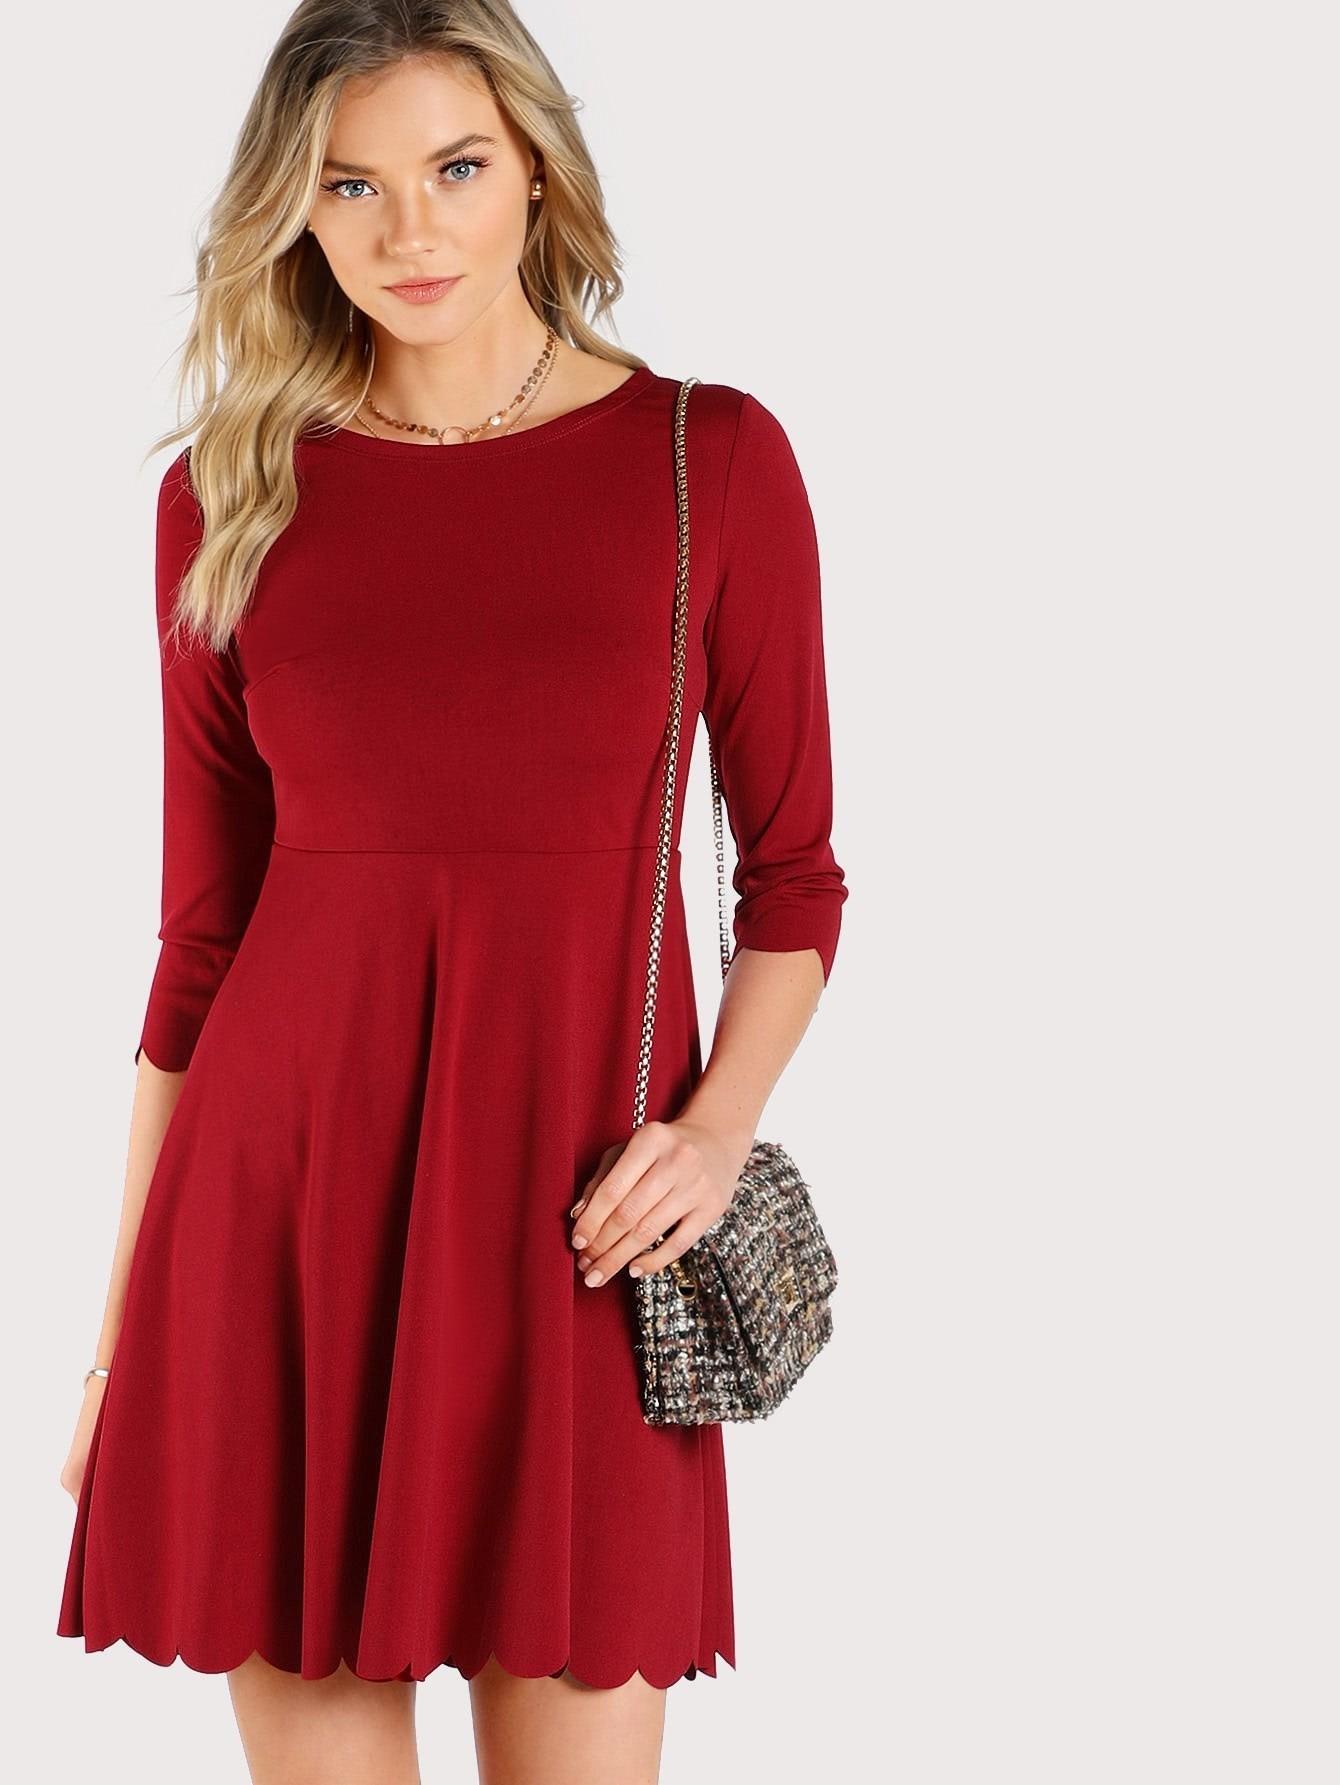 Купить Модное платье с фестонами, Alanna Whittaker, SheIn